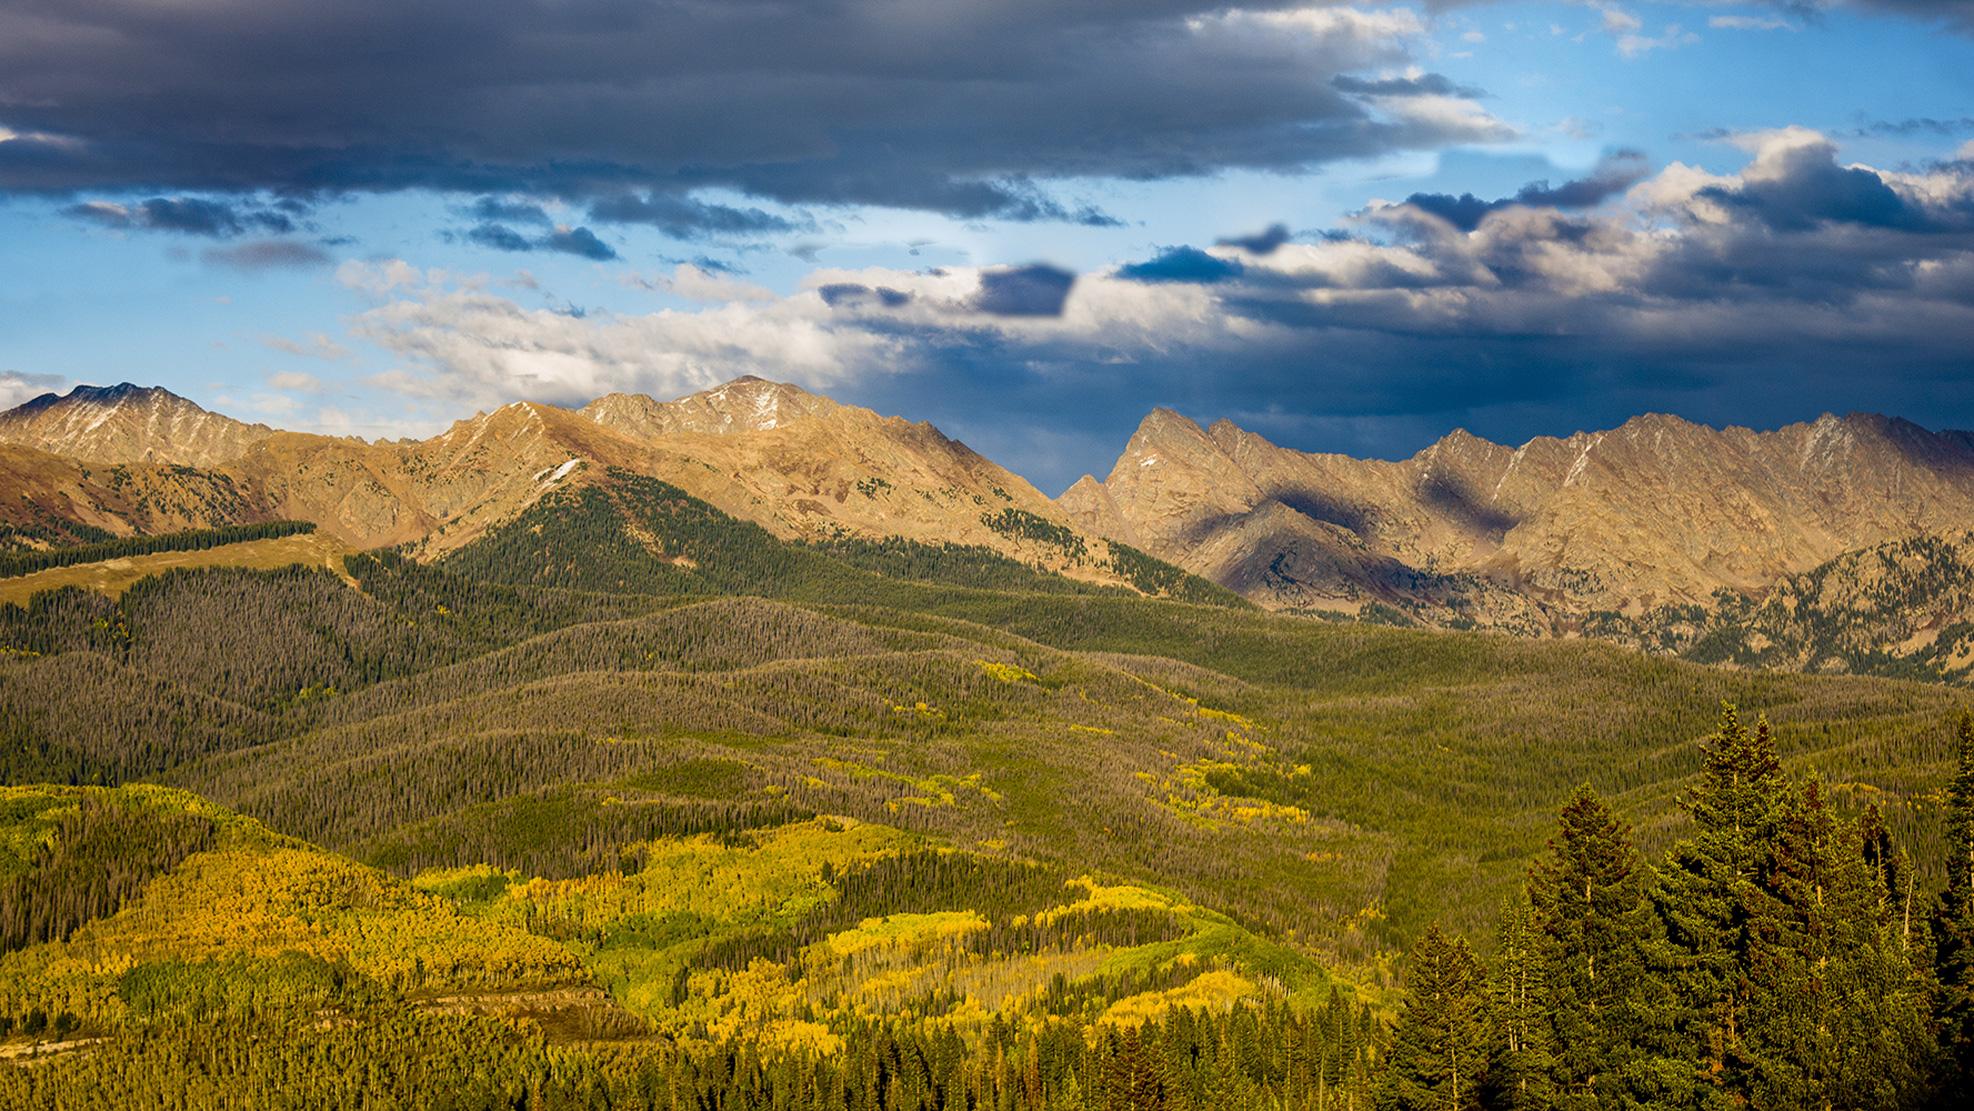 Gore Range, Vail, Colorado